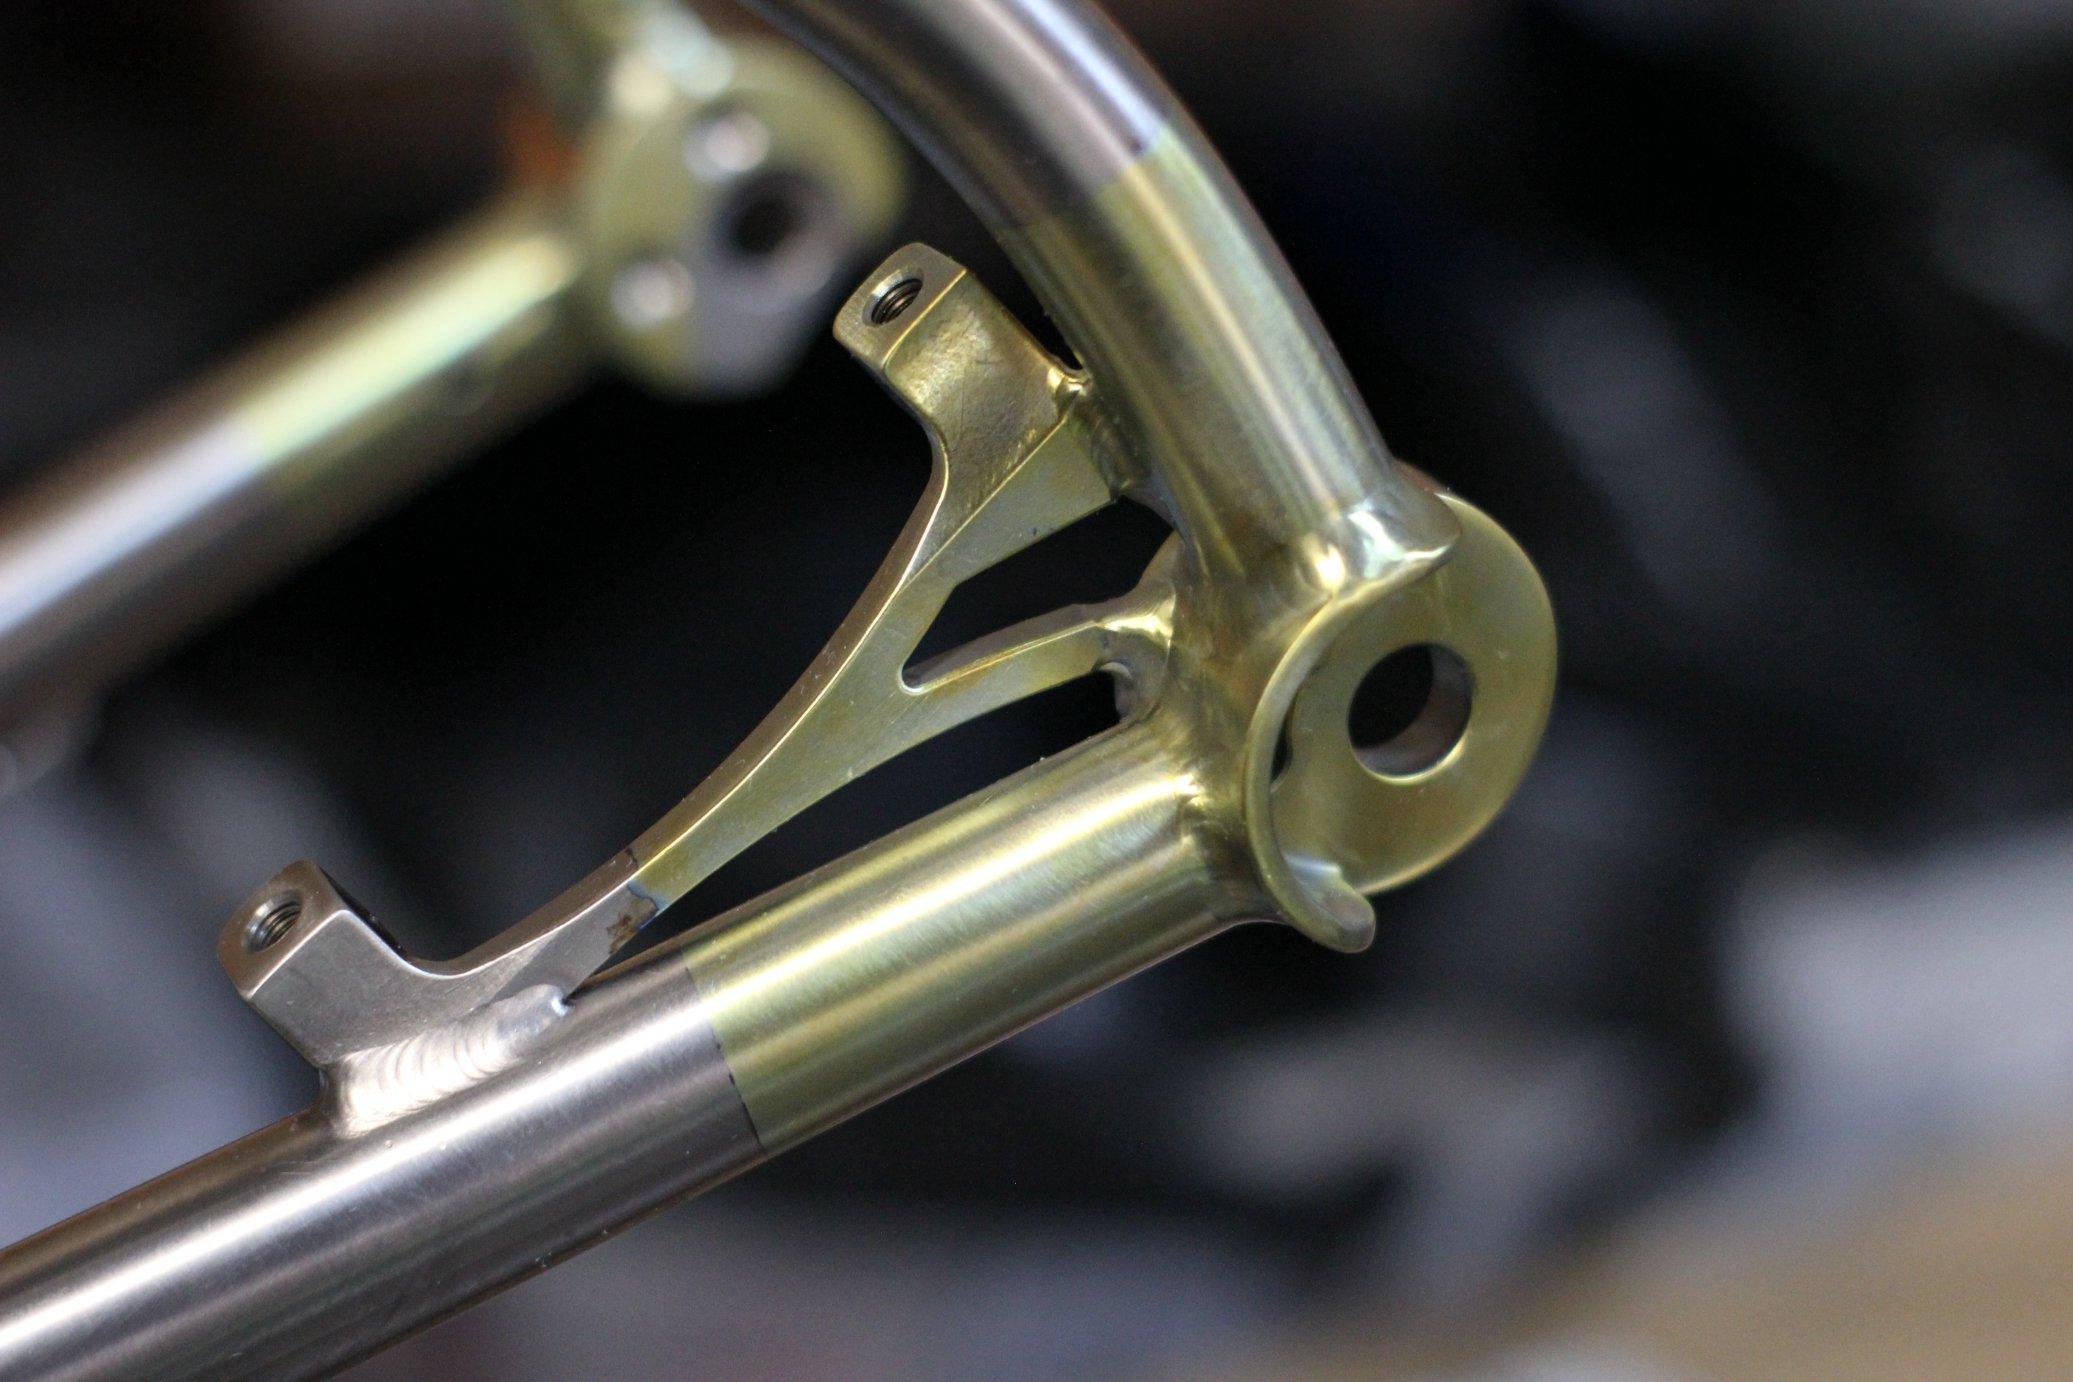 AUREN Eagle Hardtail Titanium Bike Rear Dropout